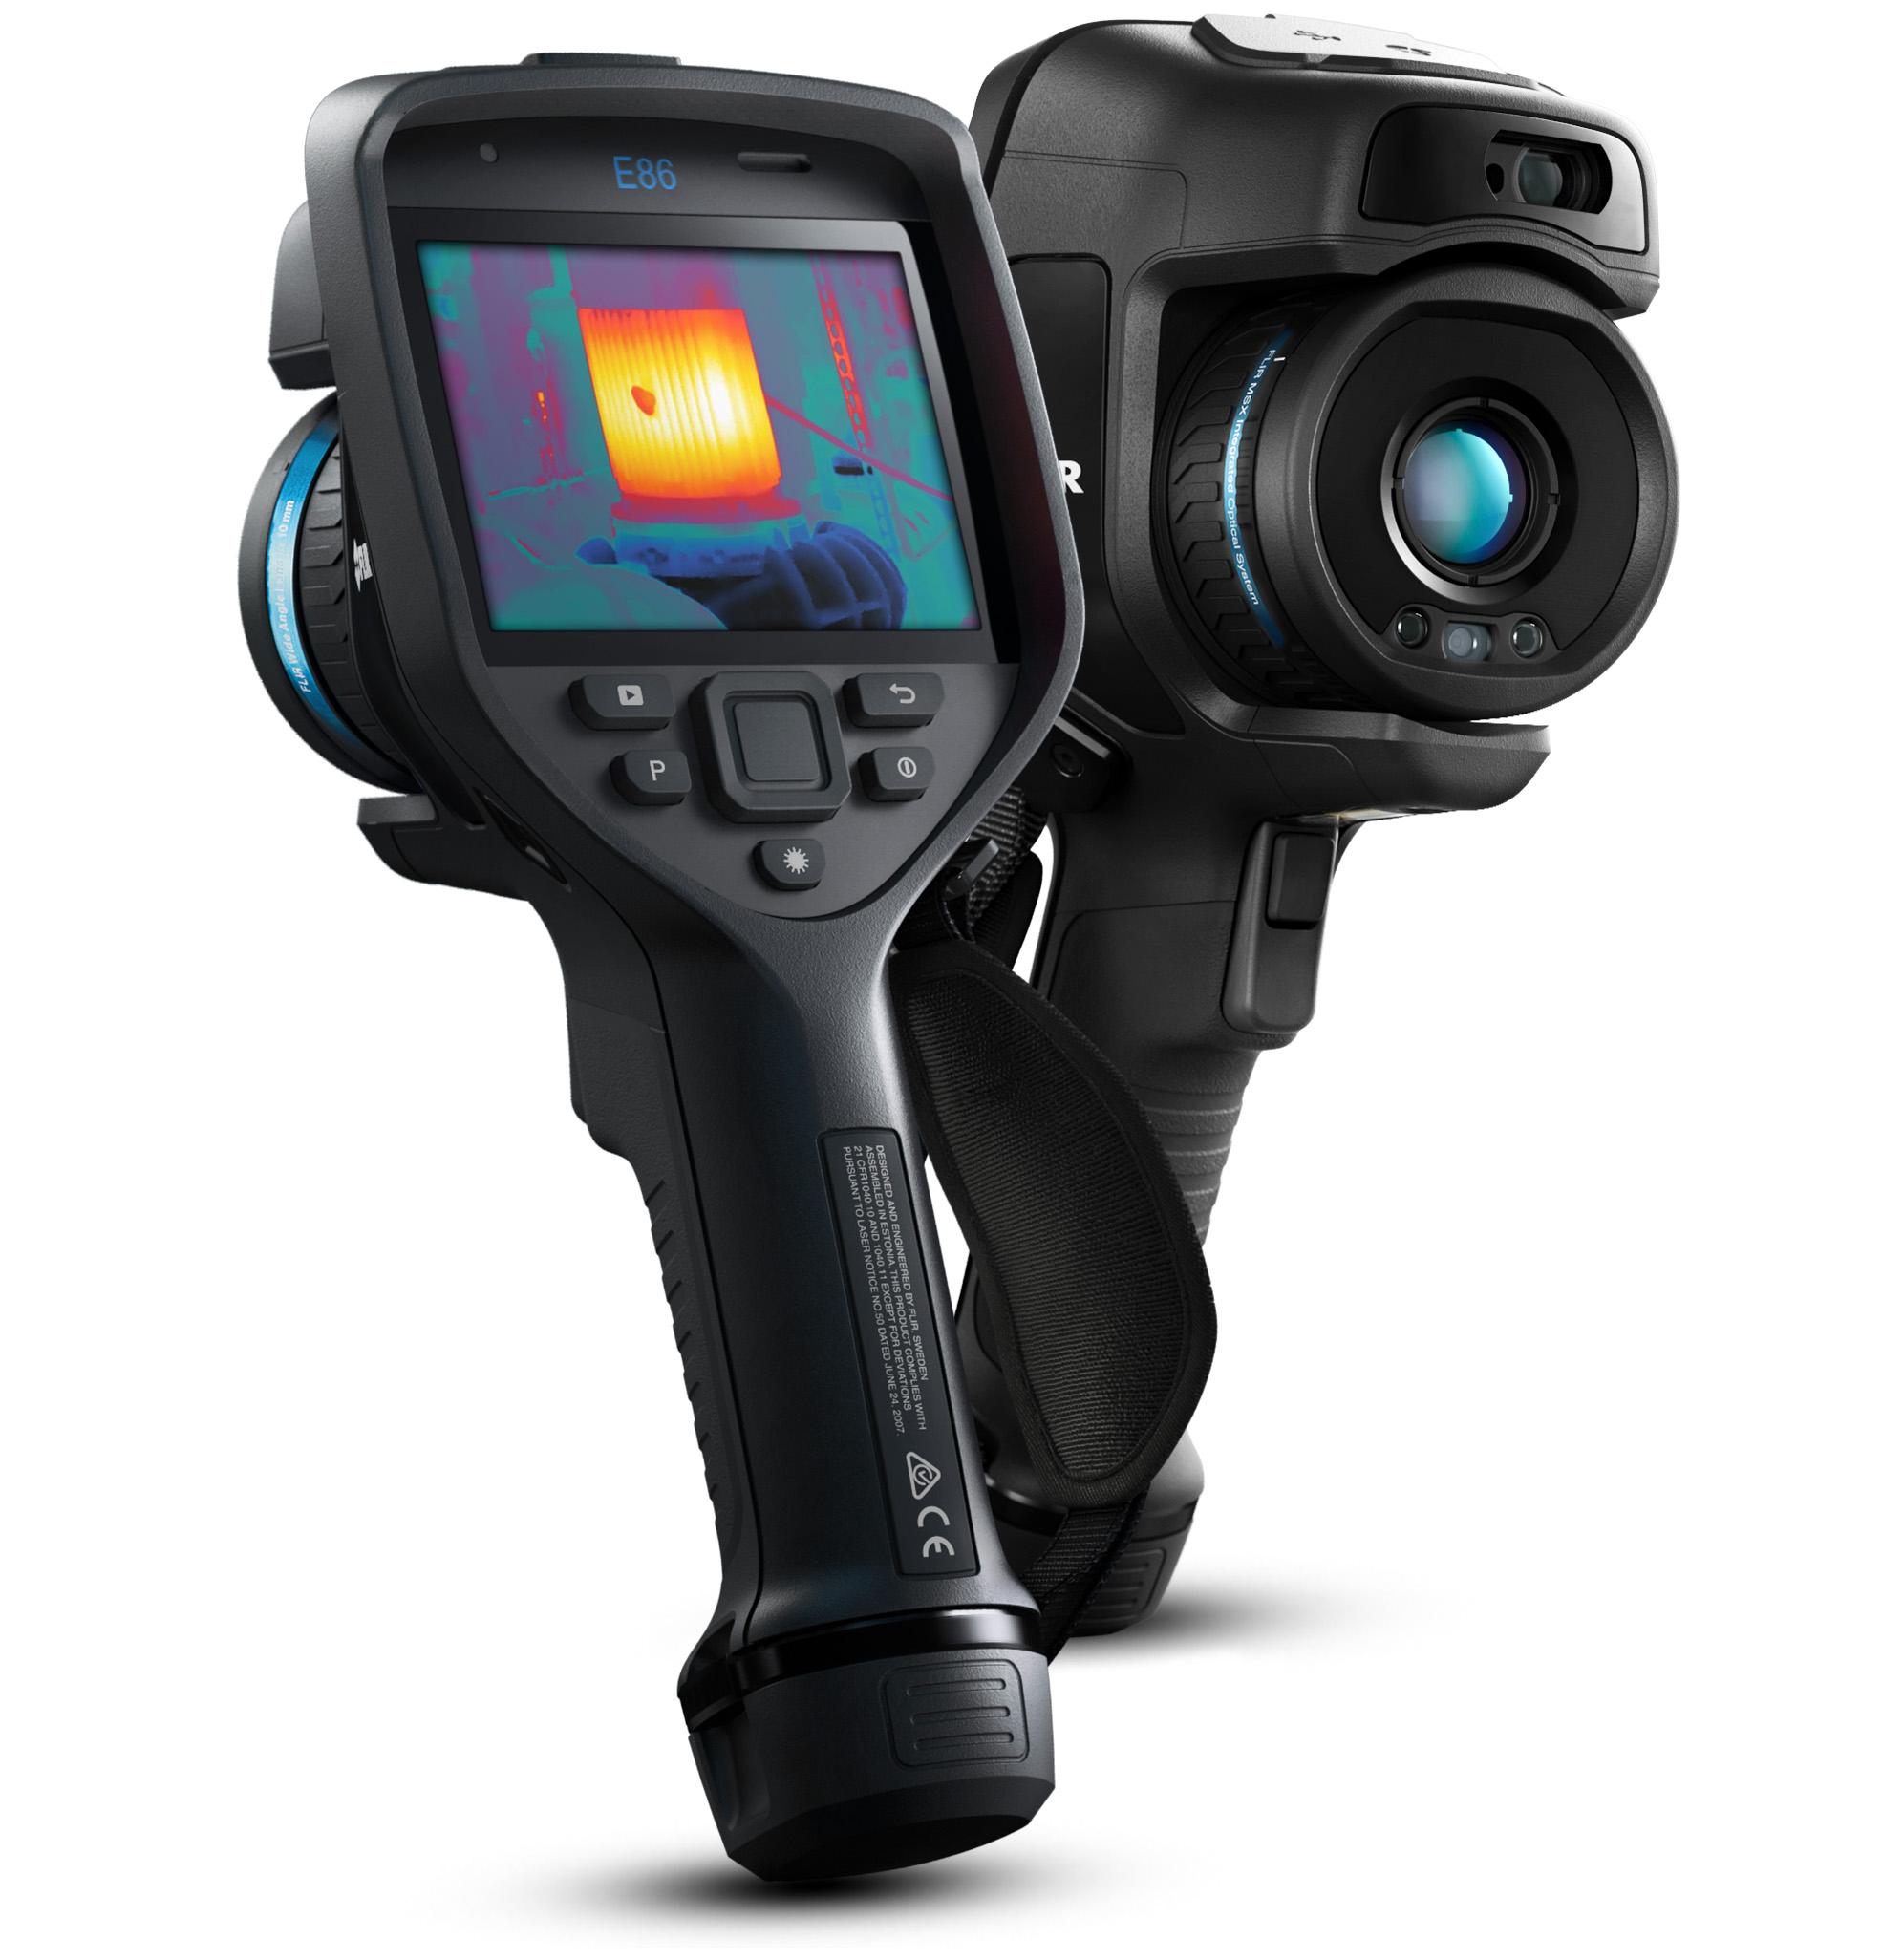 Kamera termowizyjna FLIR E86